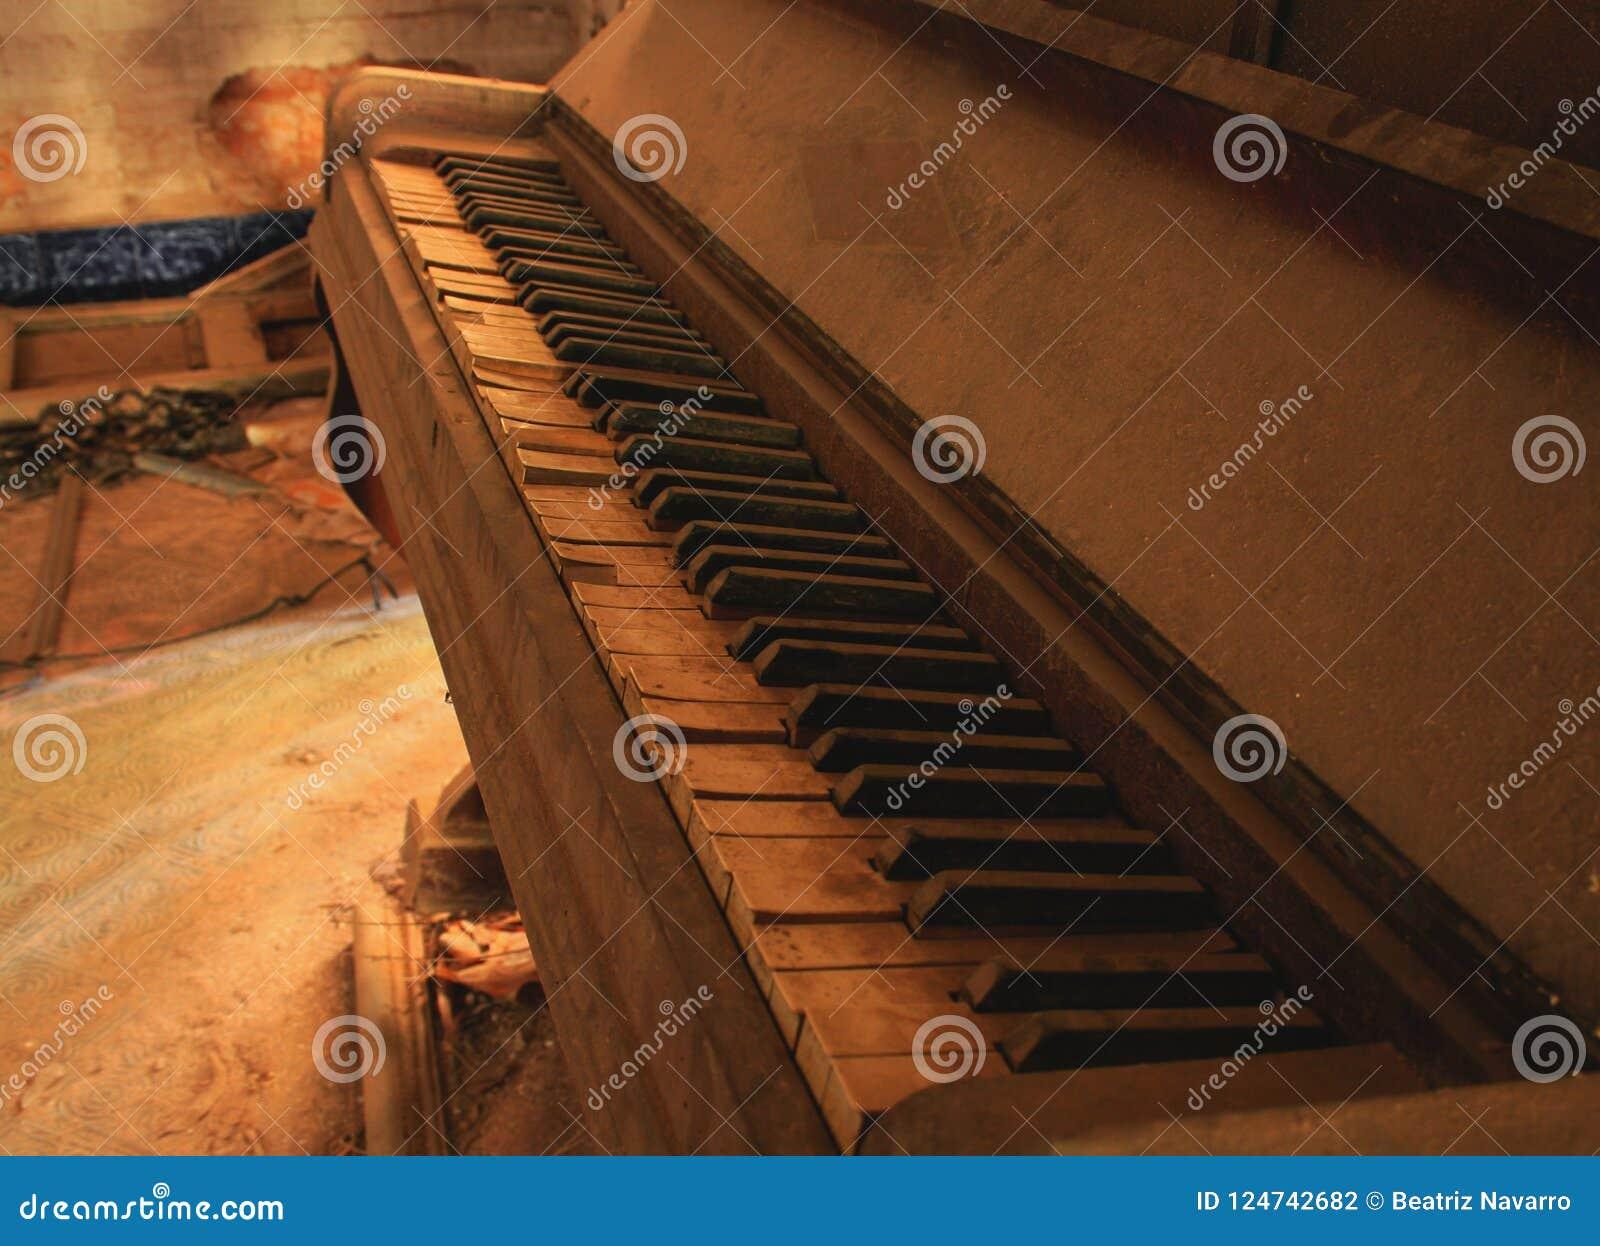 PIANO SANS PIANISTE